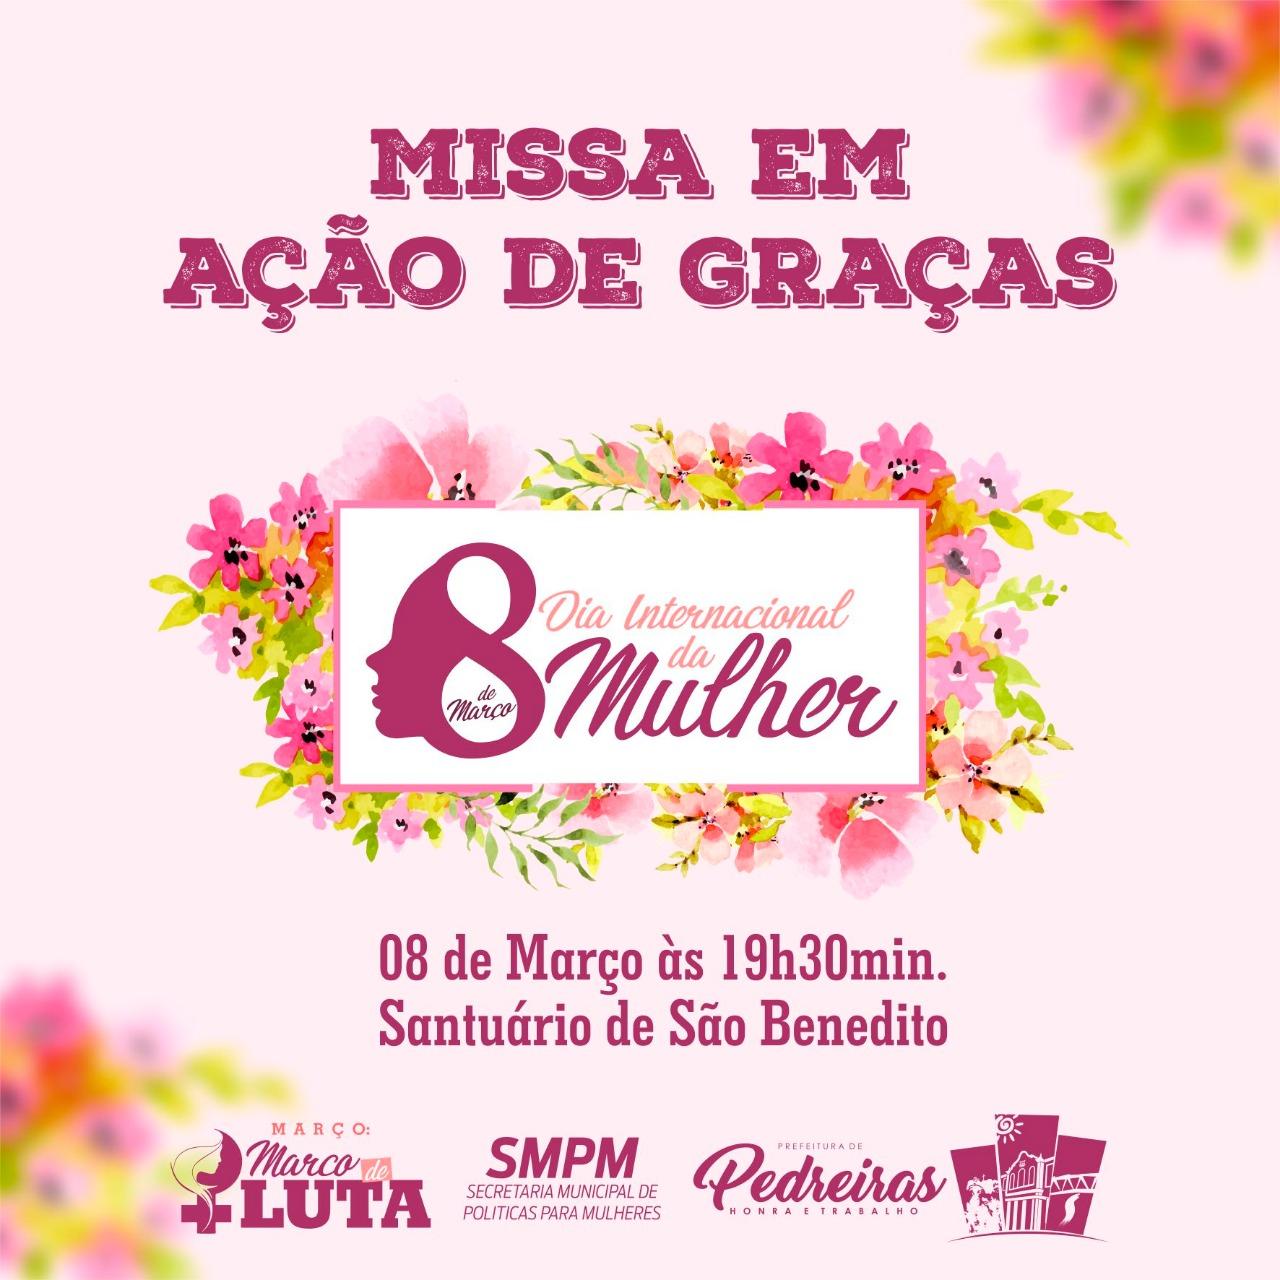 MISSA AÇÃO DE GRAÇAS DA MULHER